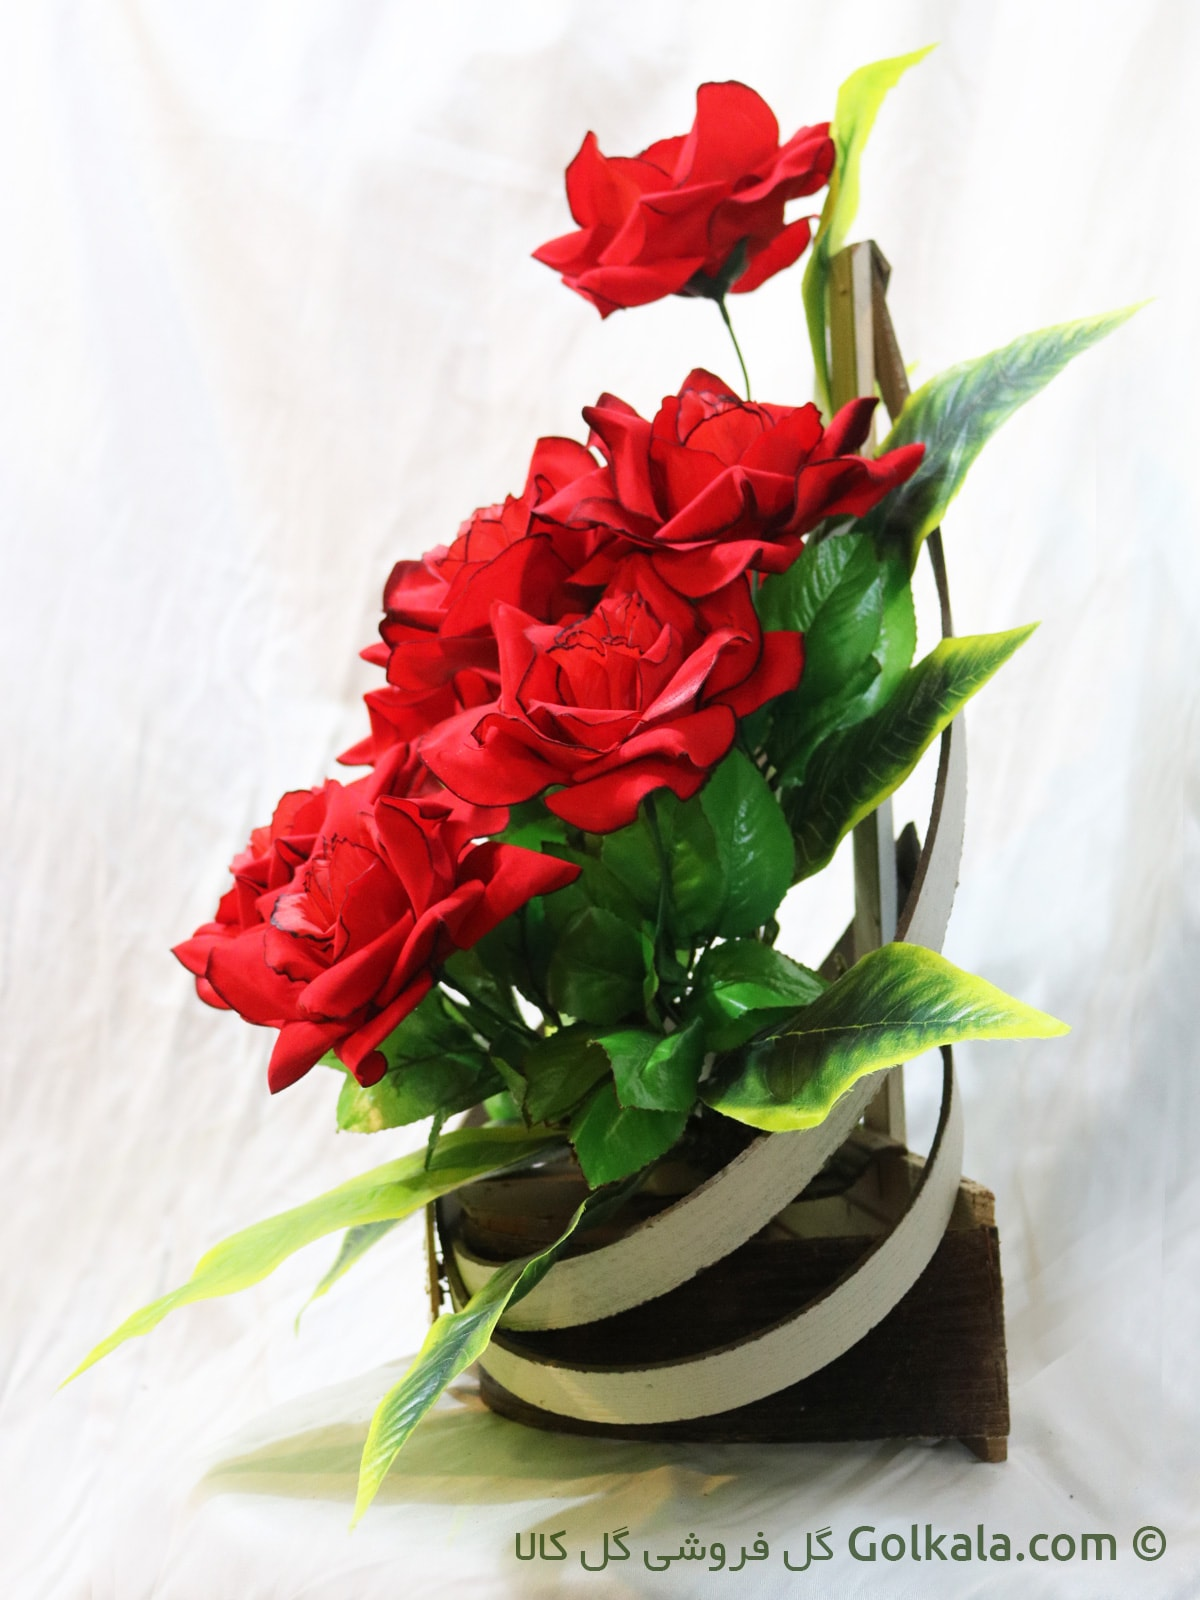 سبد گل, گل رز قرمز, گل رز سرخ